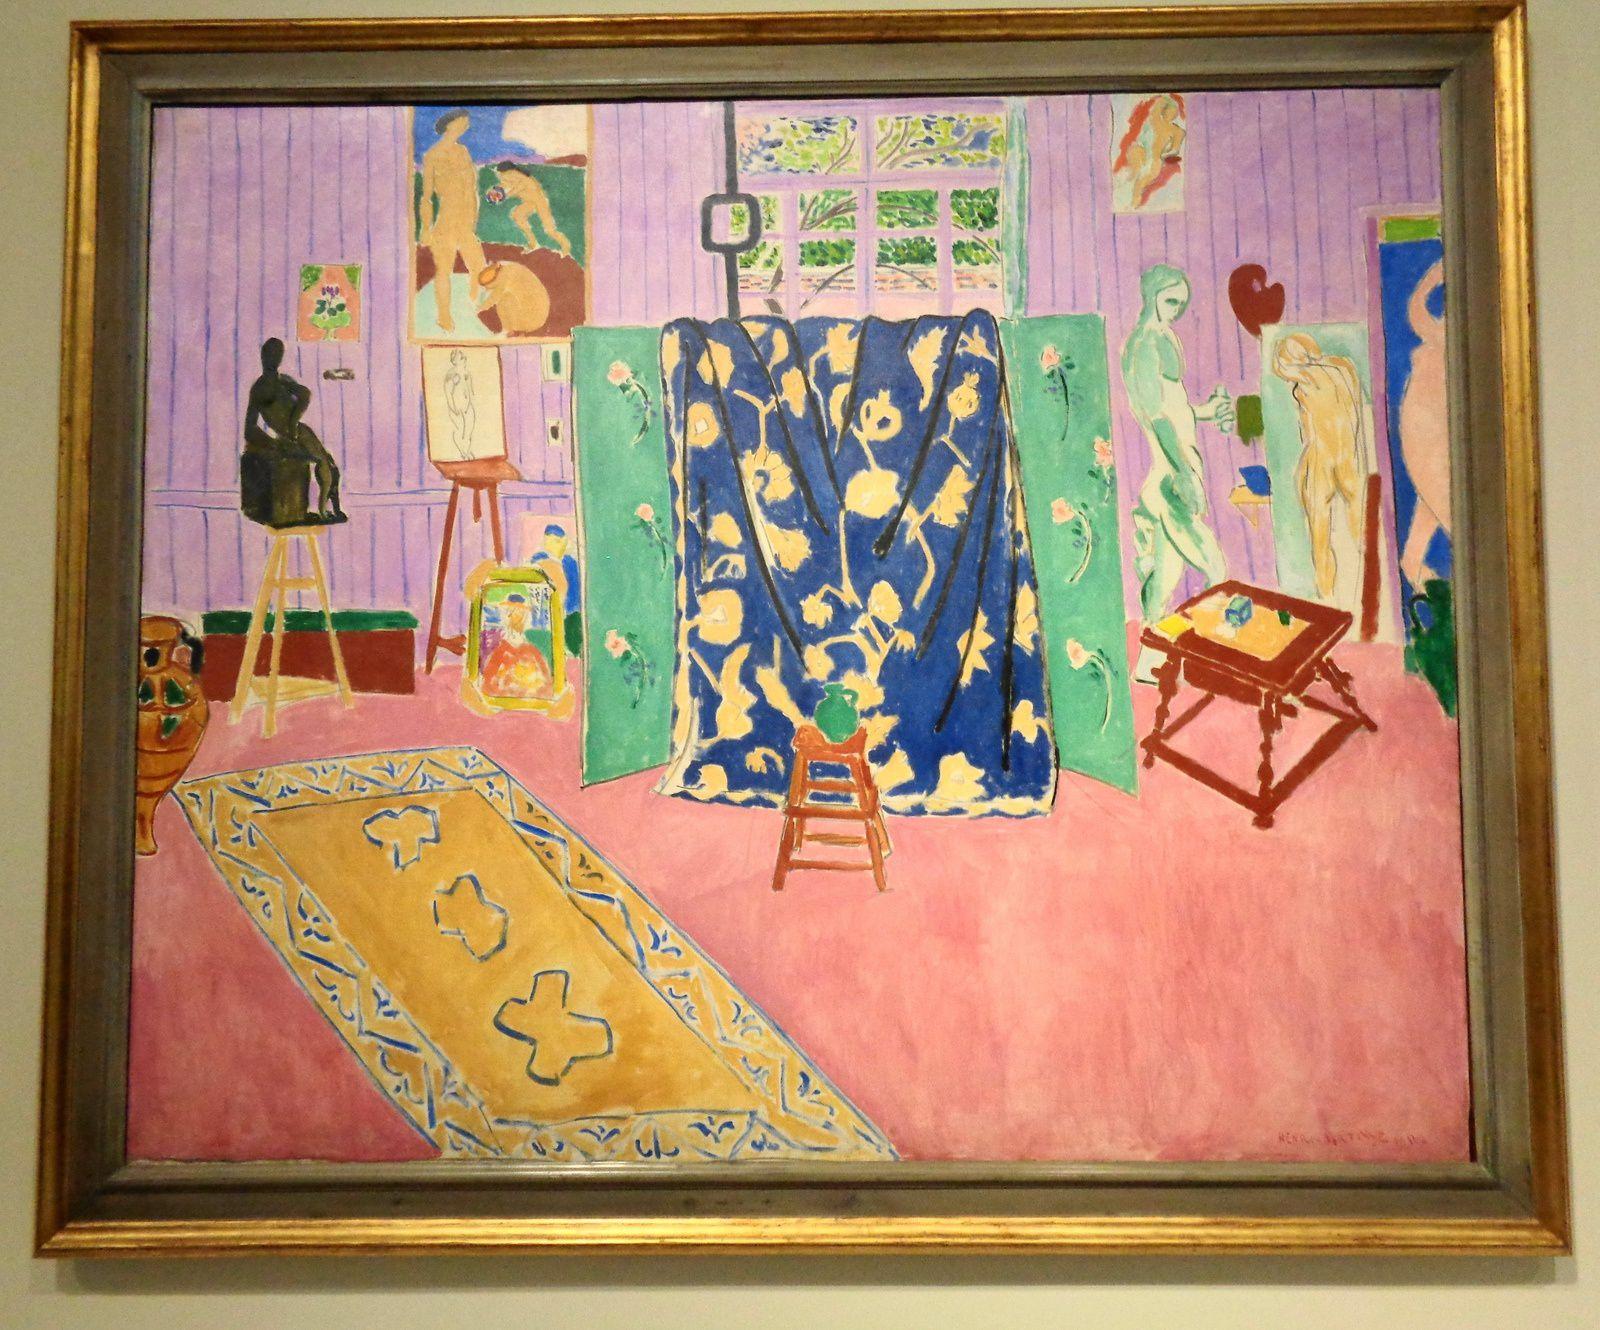 L'atelier du peintre (L'atelier rose) - Henri Matisse, 1911